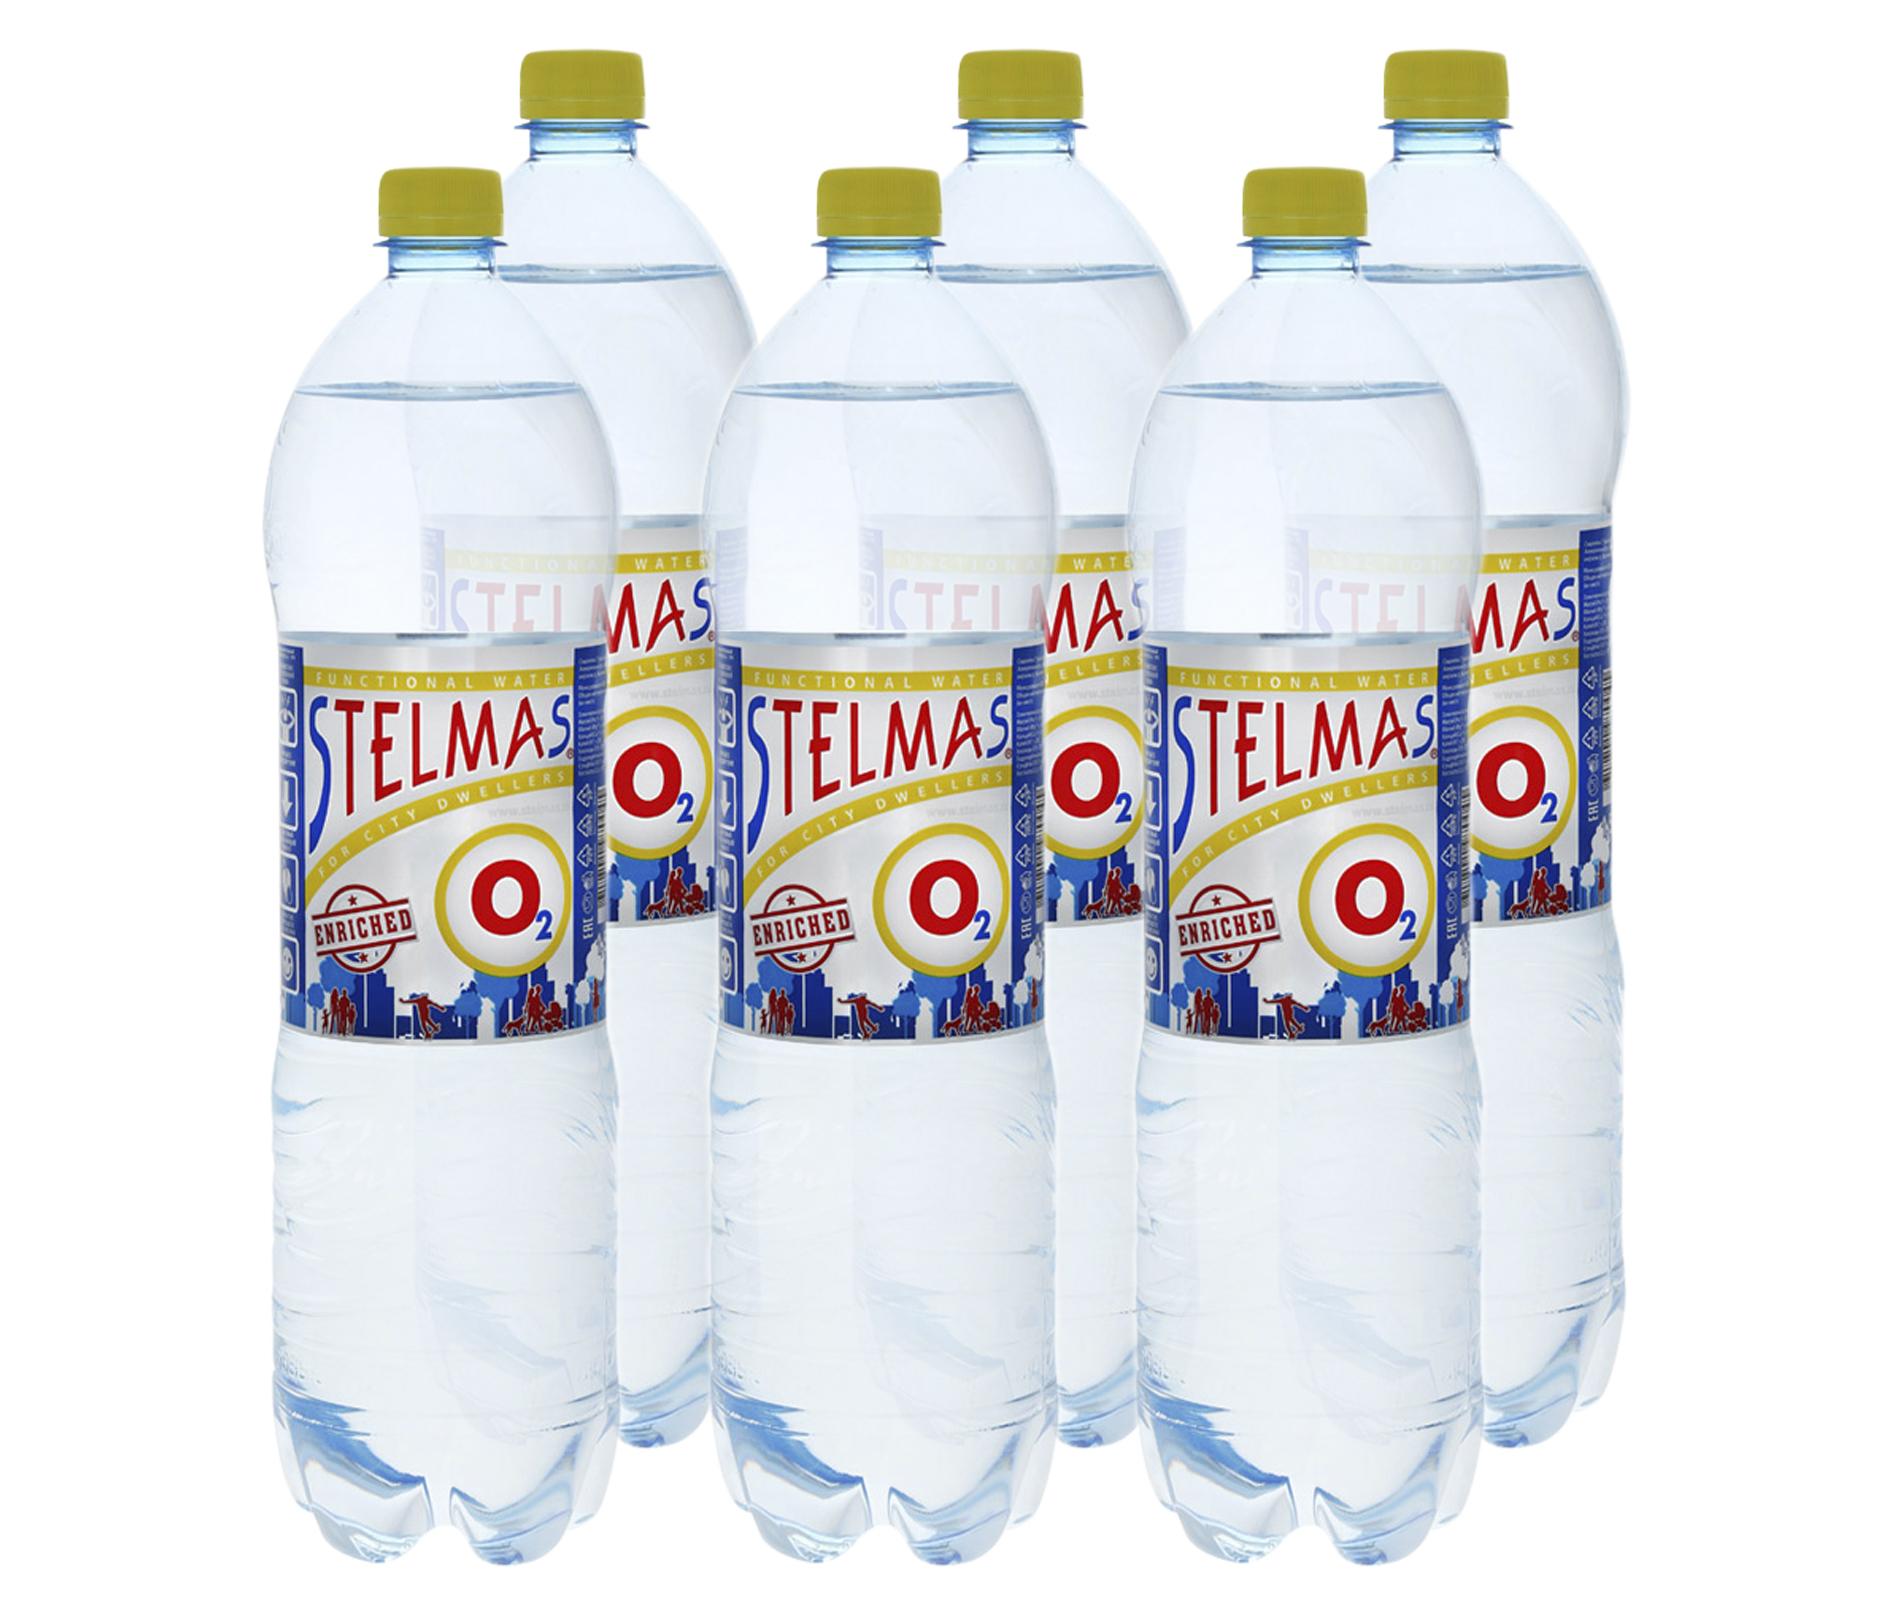 Вода Stelmas o2 минеральная негазированная 1.5 л 6 штук в упаковке фото